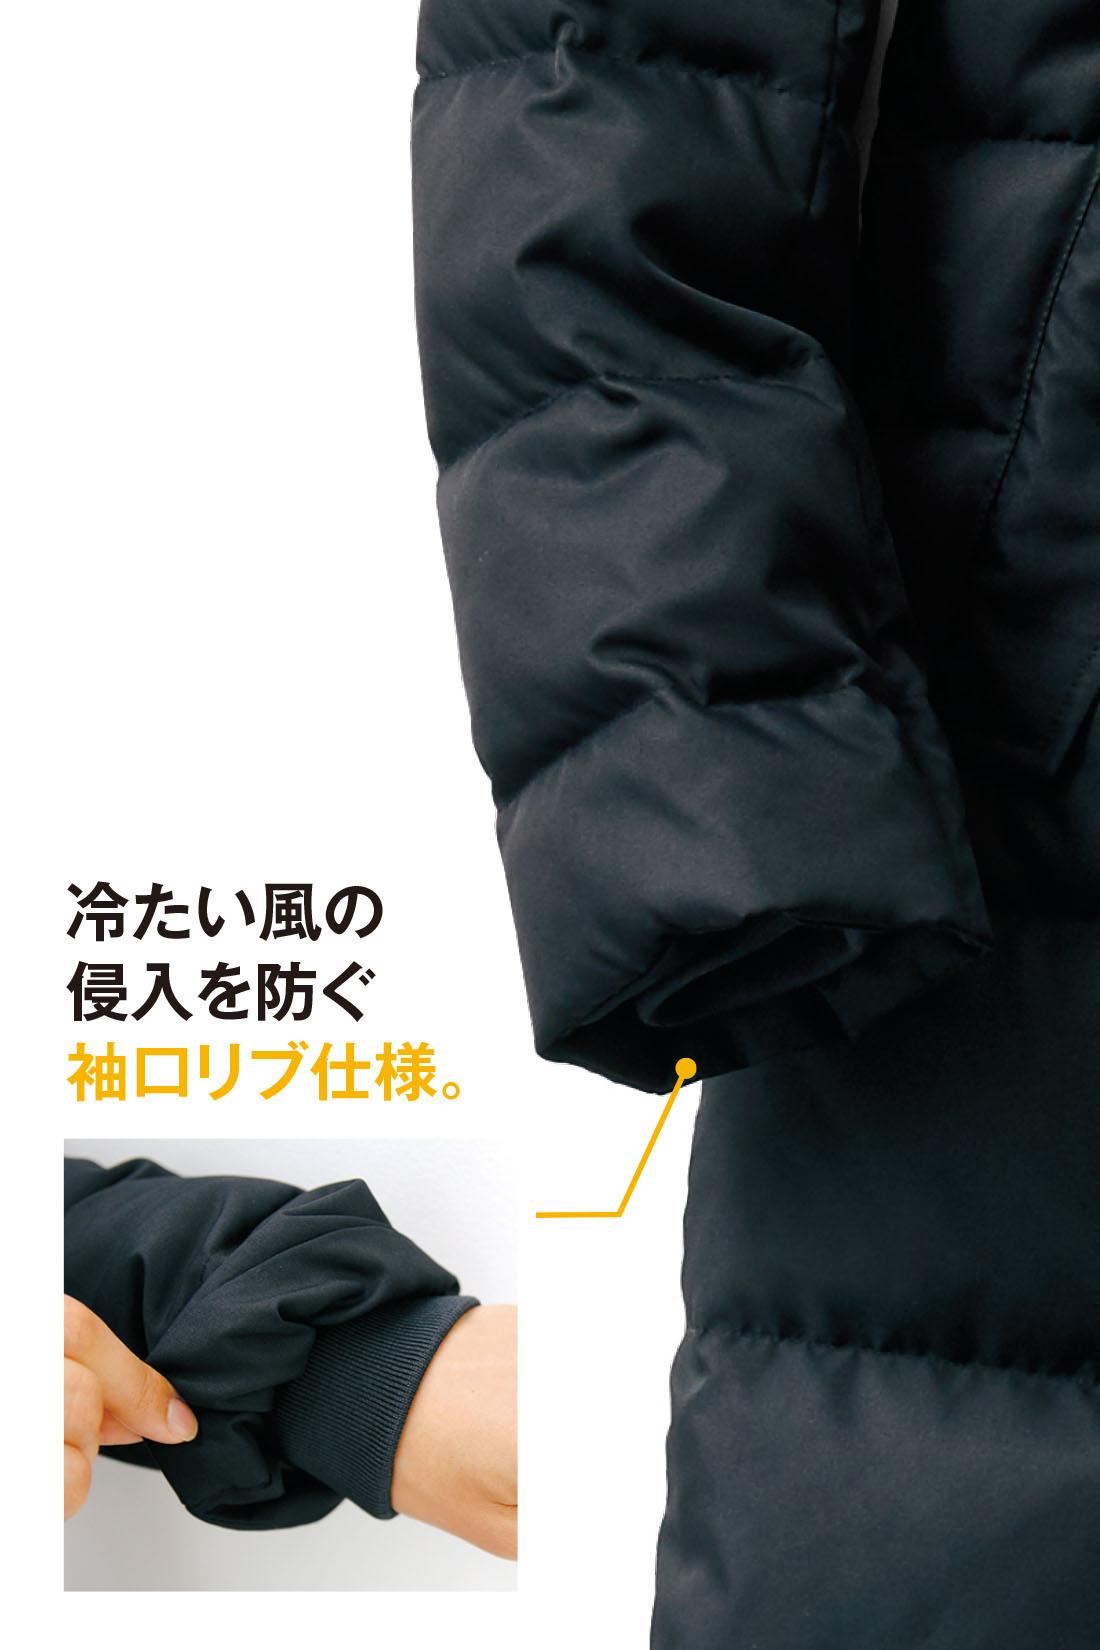 外気をブロックし、温まった空気を逃さない袖口リブを採用。